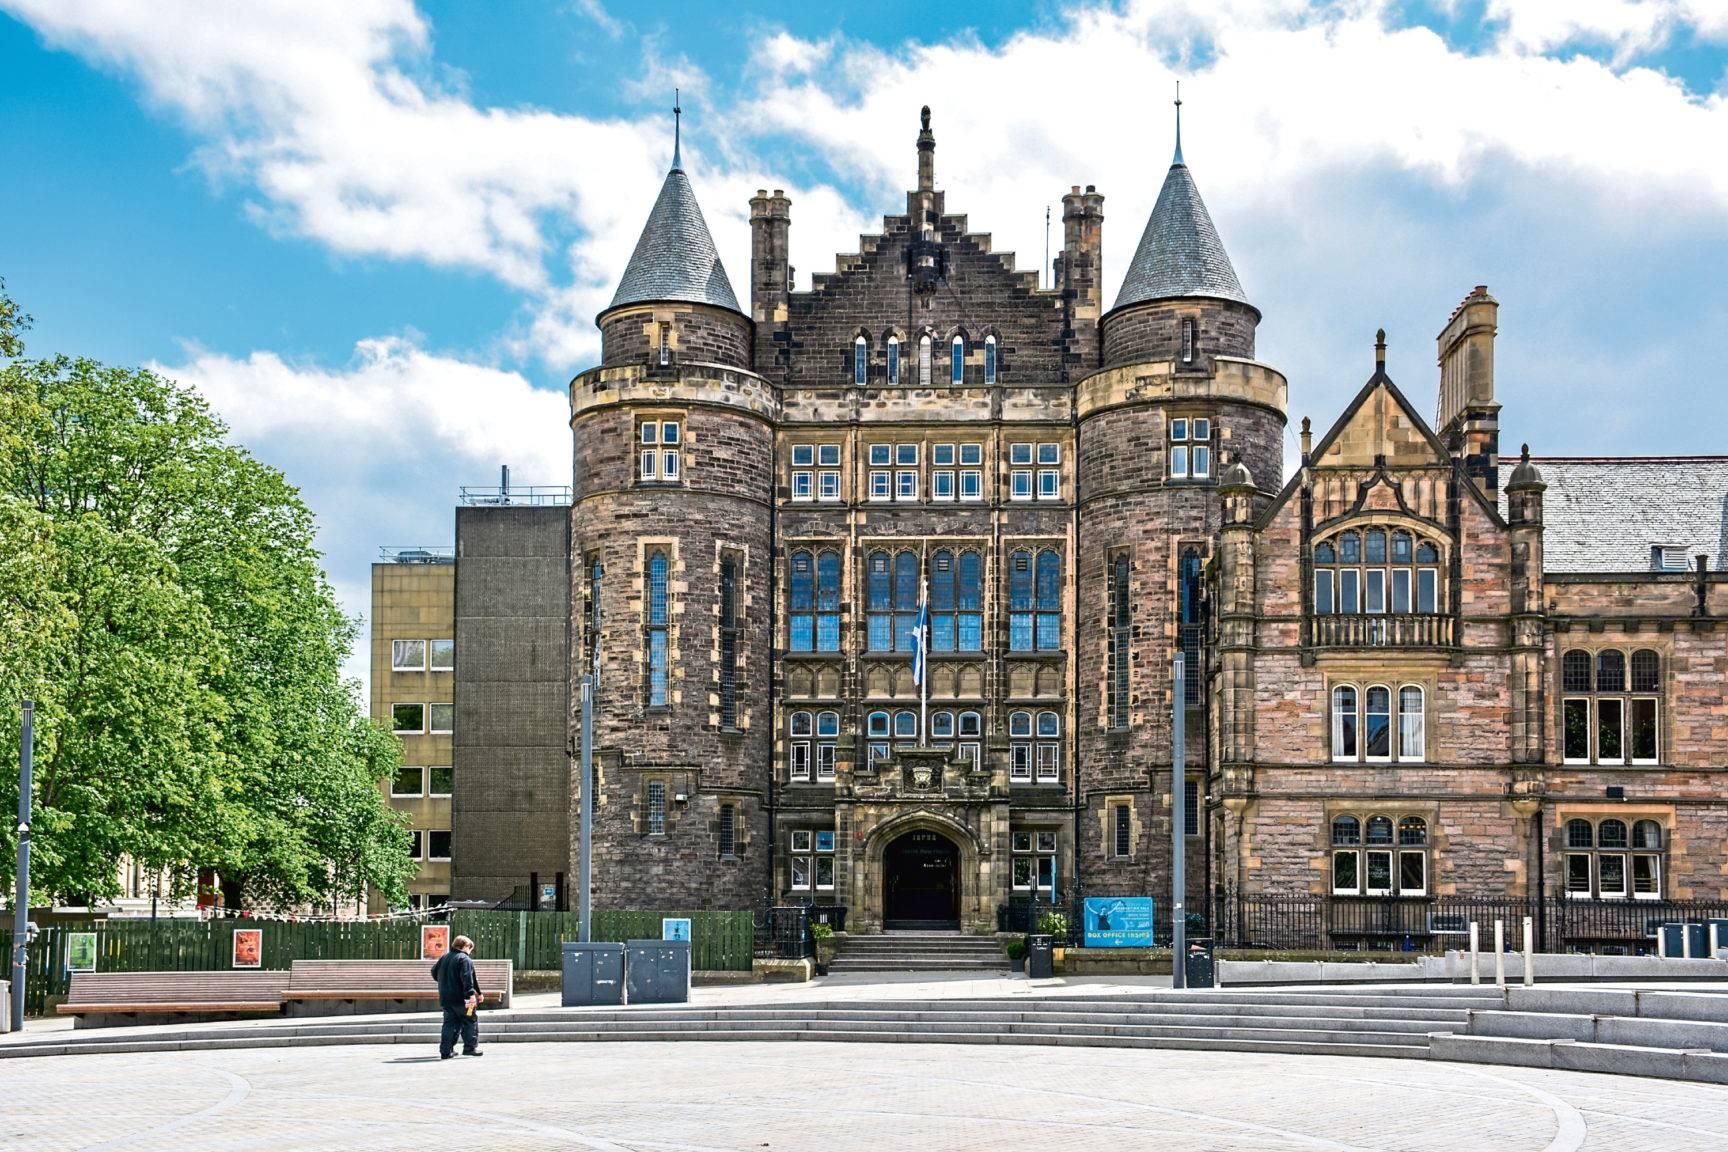 University of edinburgh (эдинбургский университет)